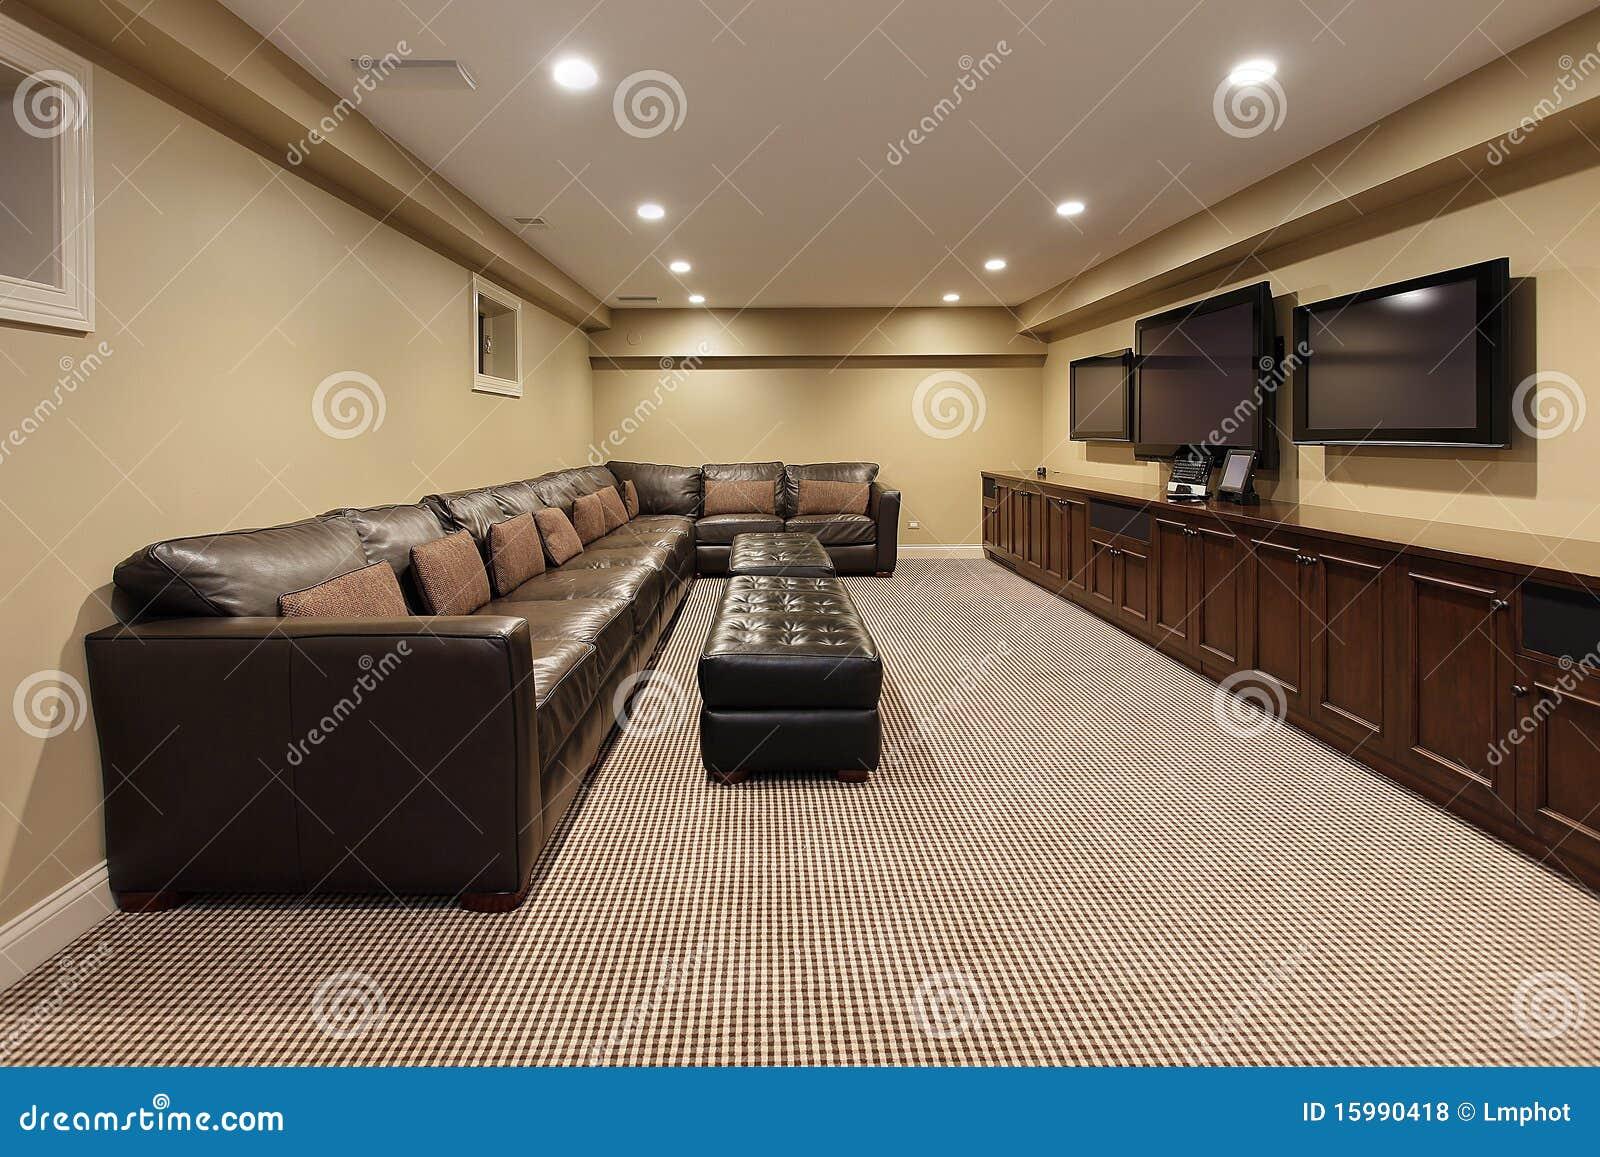 sous sol de maison de luxe photos libres de droits image 15990418. Black Bedroom Furniture Sets. Home Design Ideas